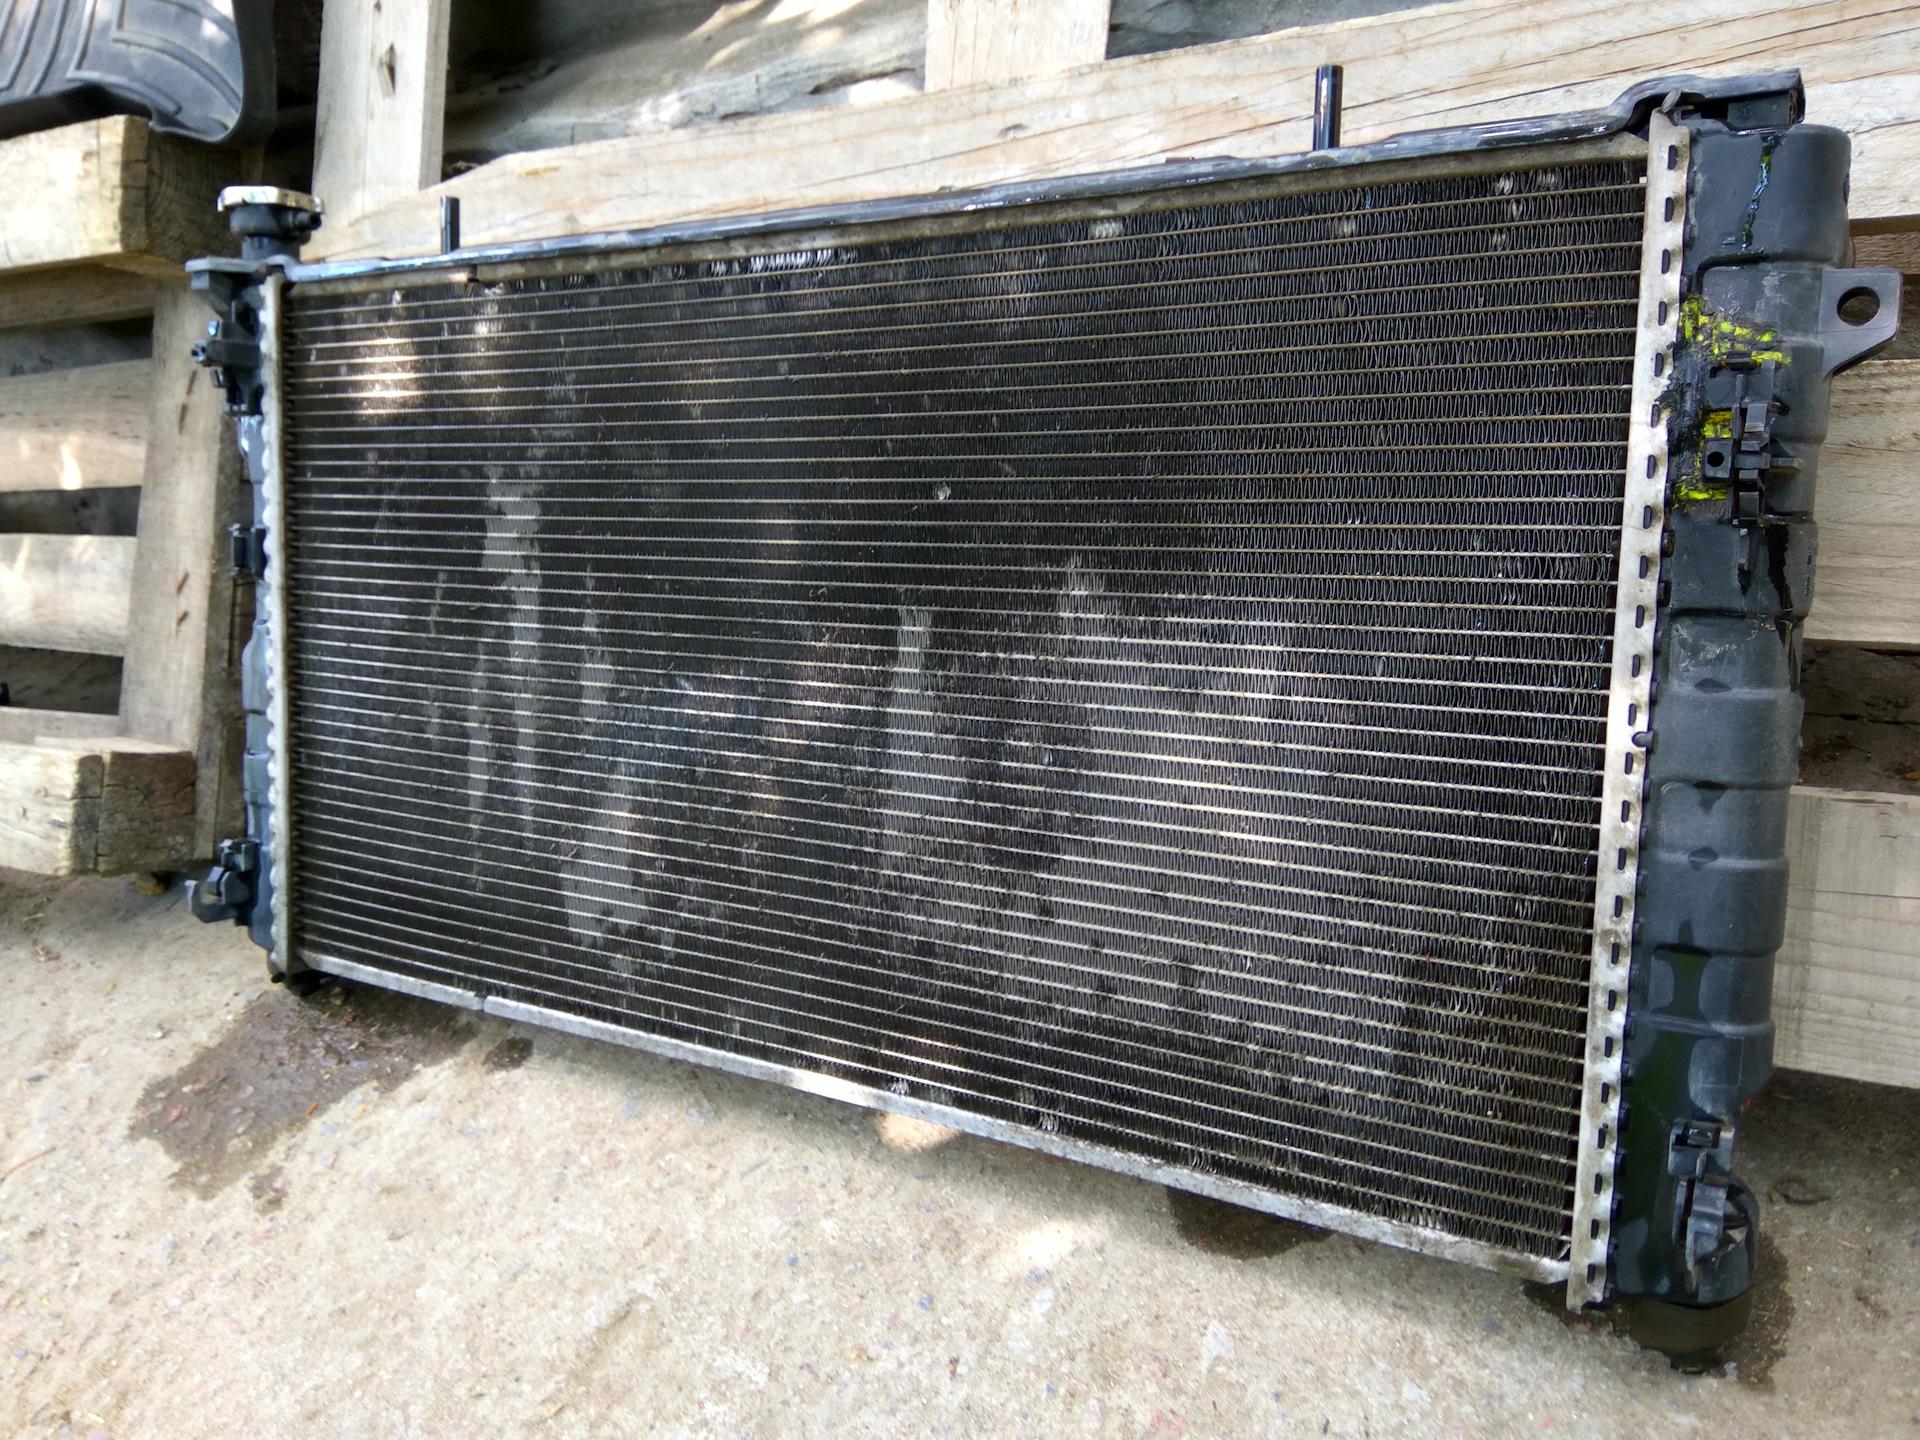 Замена радиатора Traveller I Замена задних тормозных колодок кия